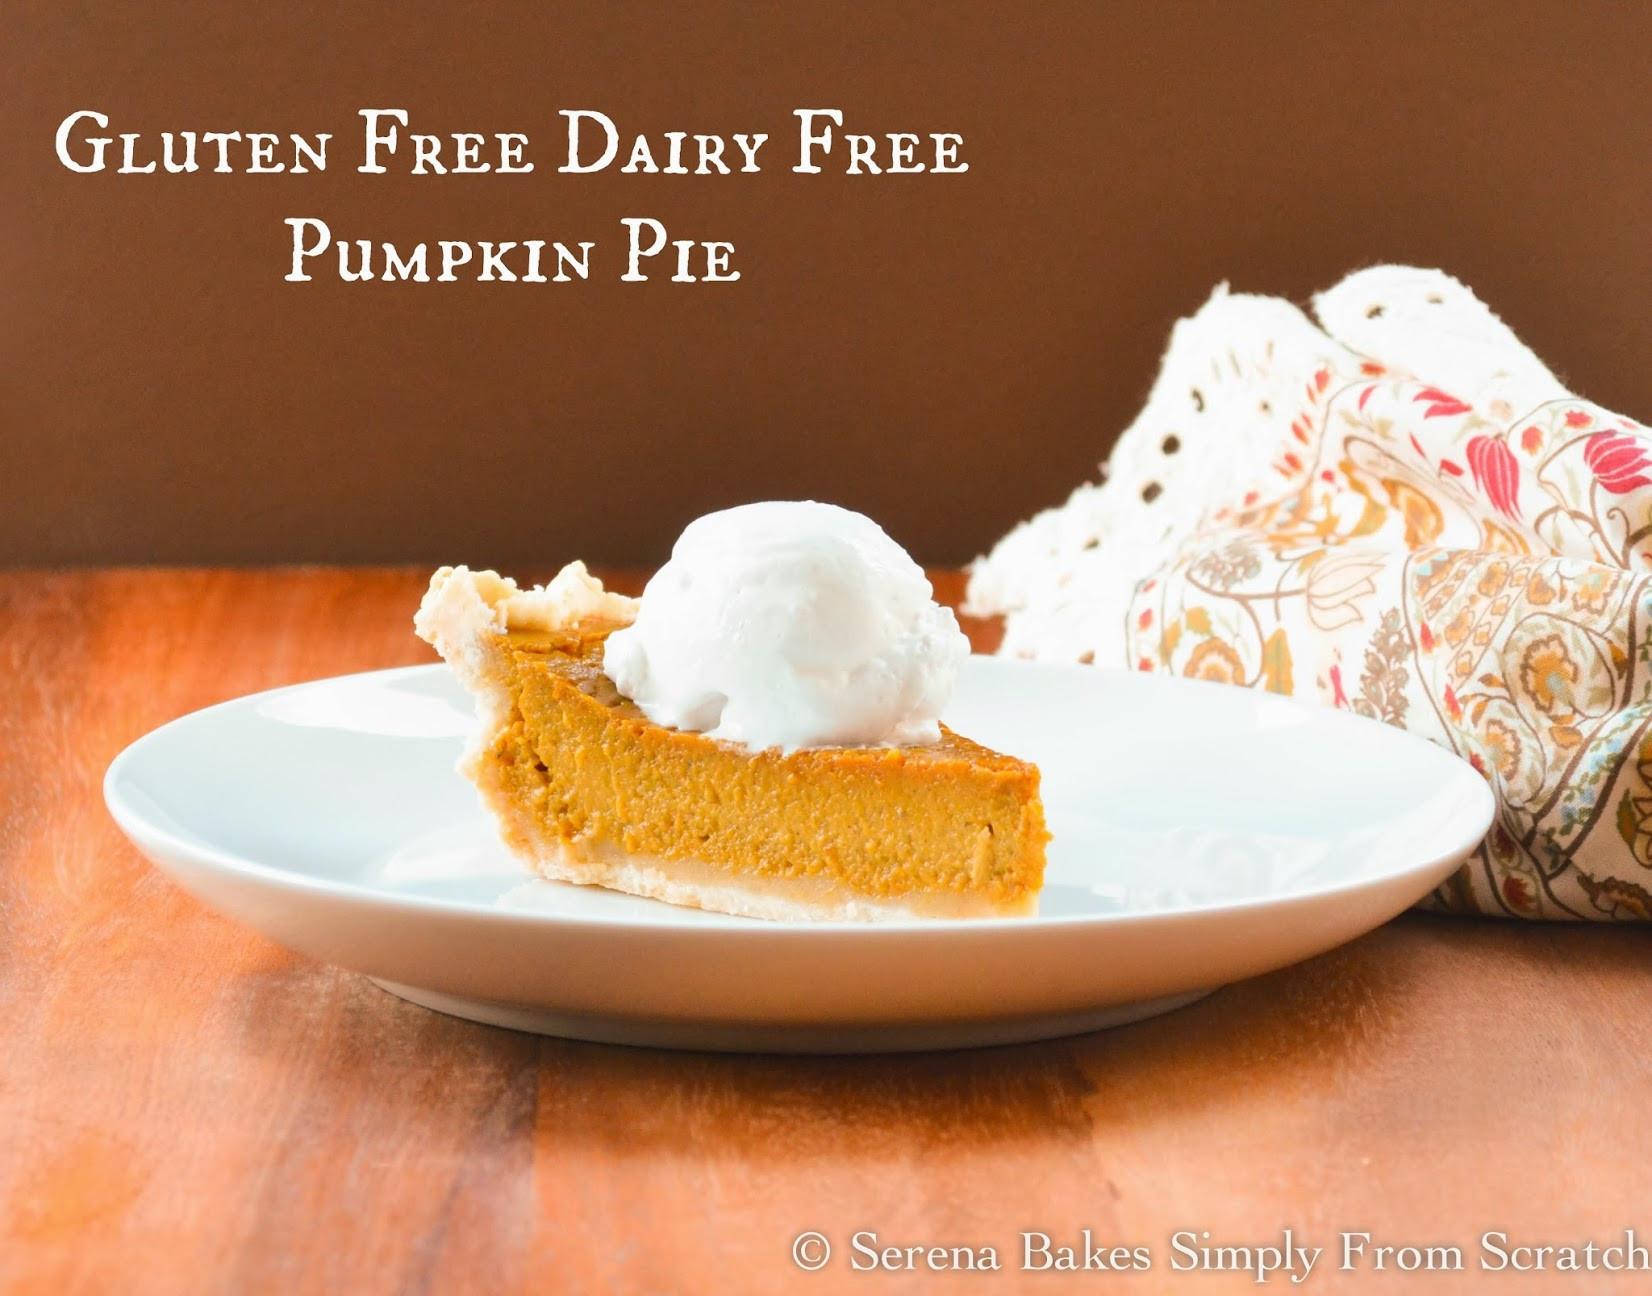 Gluten And Dairy Free Pumpkin Pie  Gluten Free Dairy Free Pumpkin Pie With Coconut Whip Cream